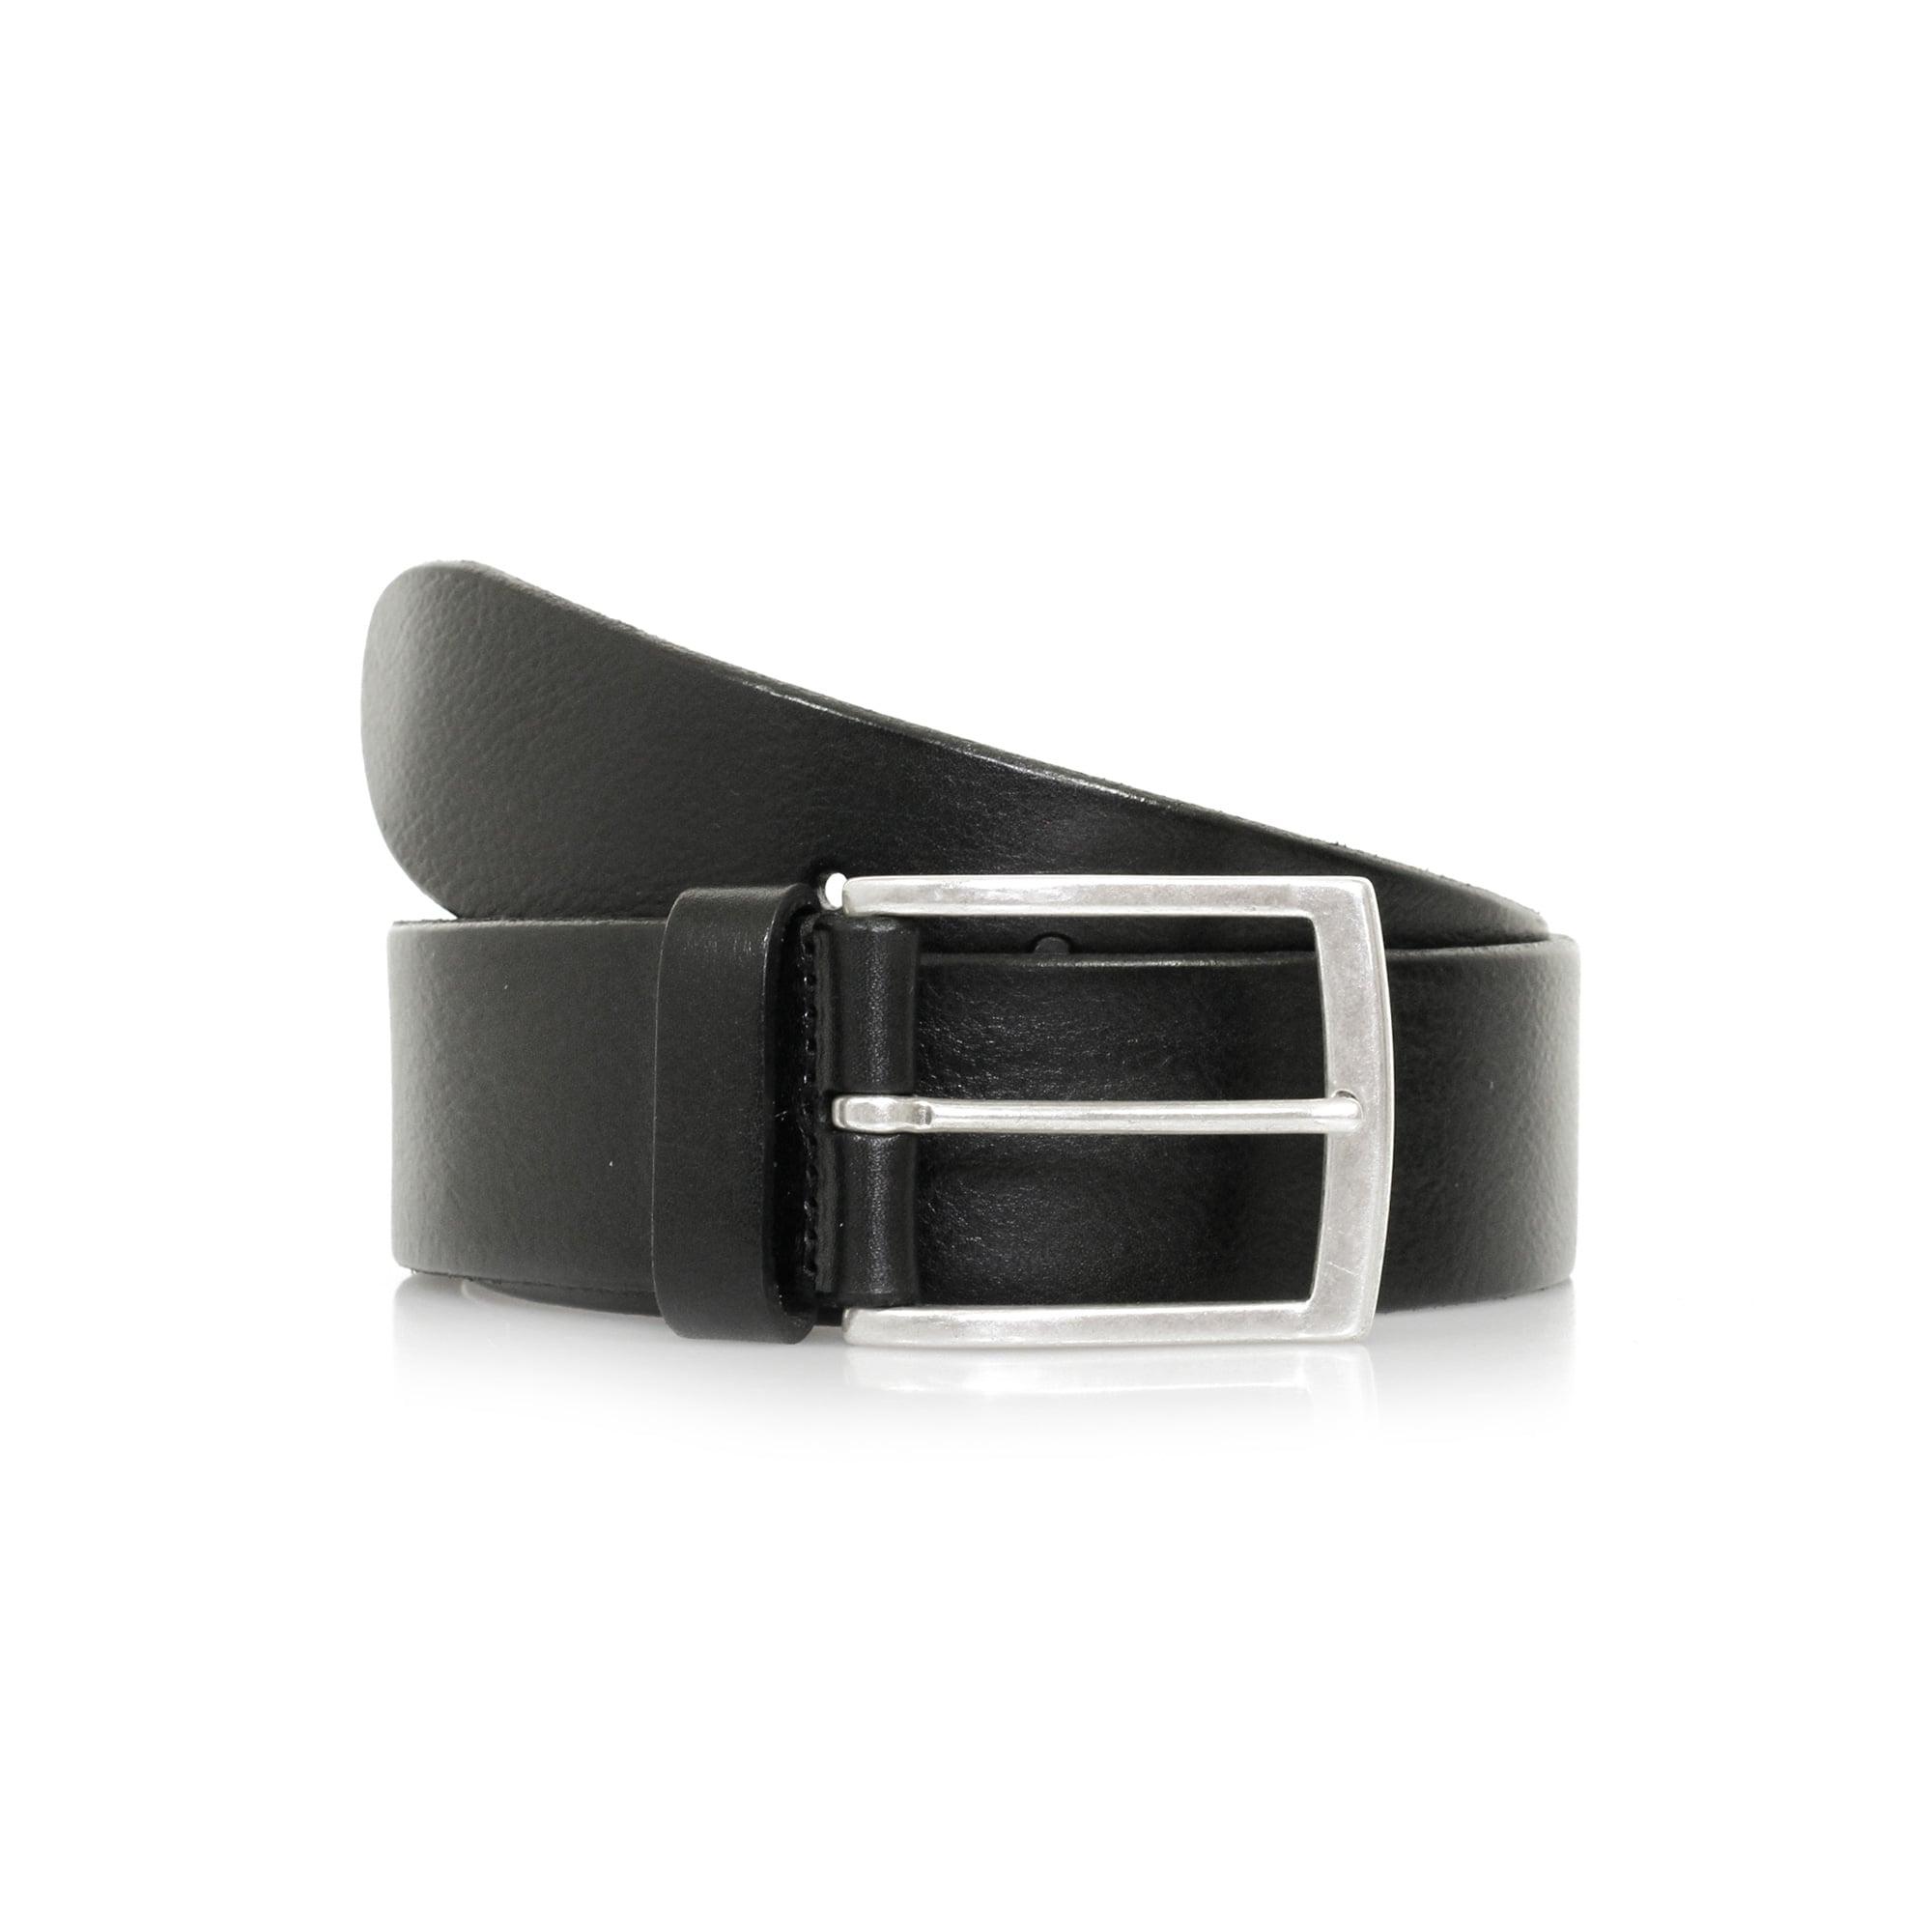 Anderson's Belts Anderson Calf Leather Black   Belt   A2683 AF3018 N1